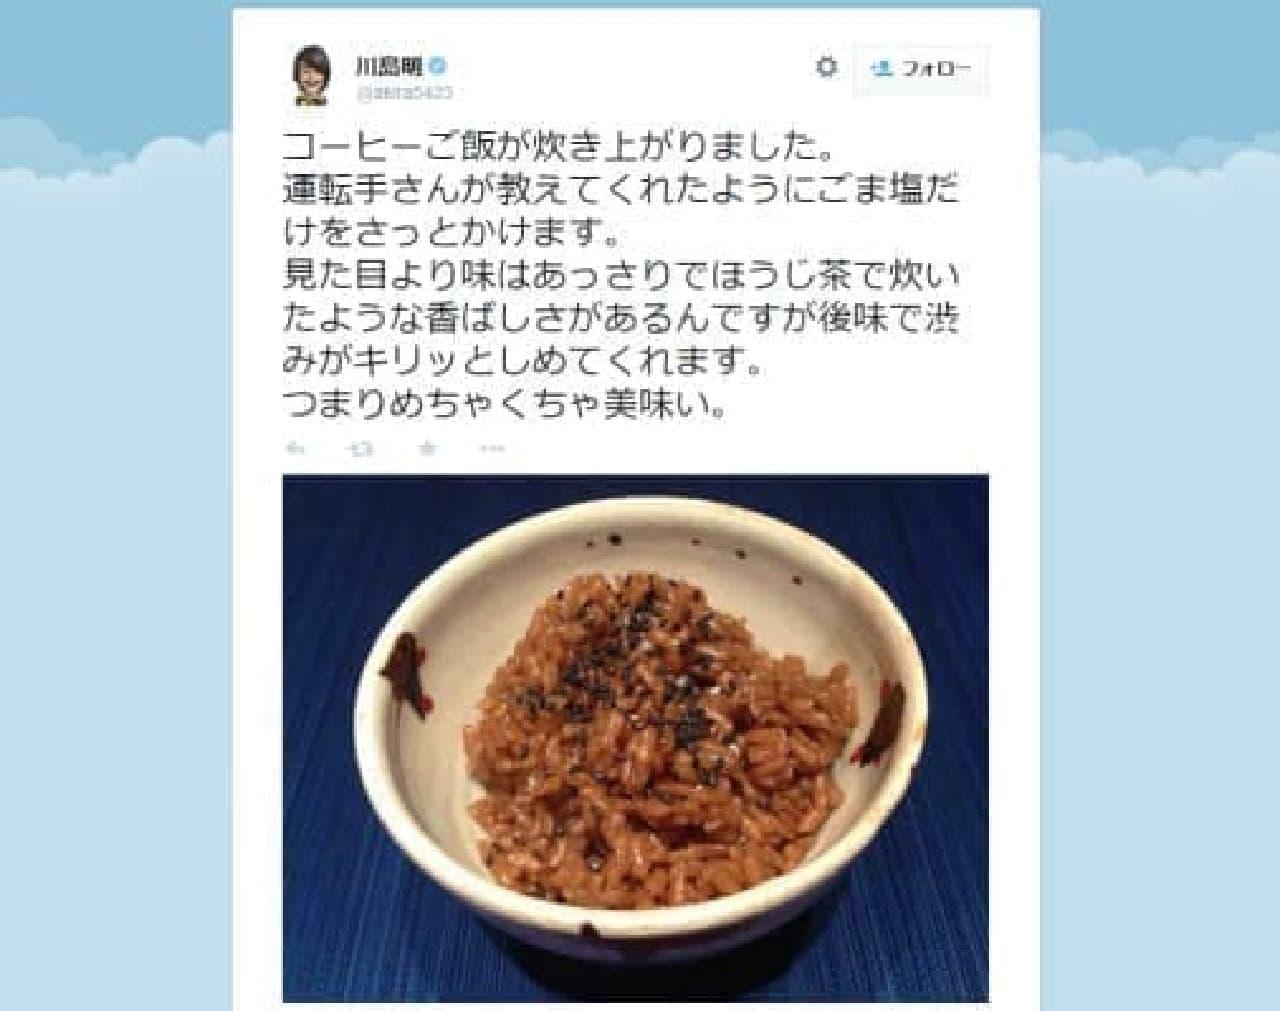 おいしいらしいけど味が想像できない「コーヒーご飯」  ※画像は川島さんの Twitter 投稿画面